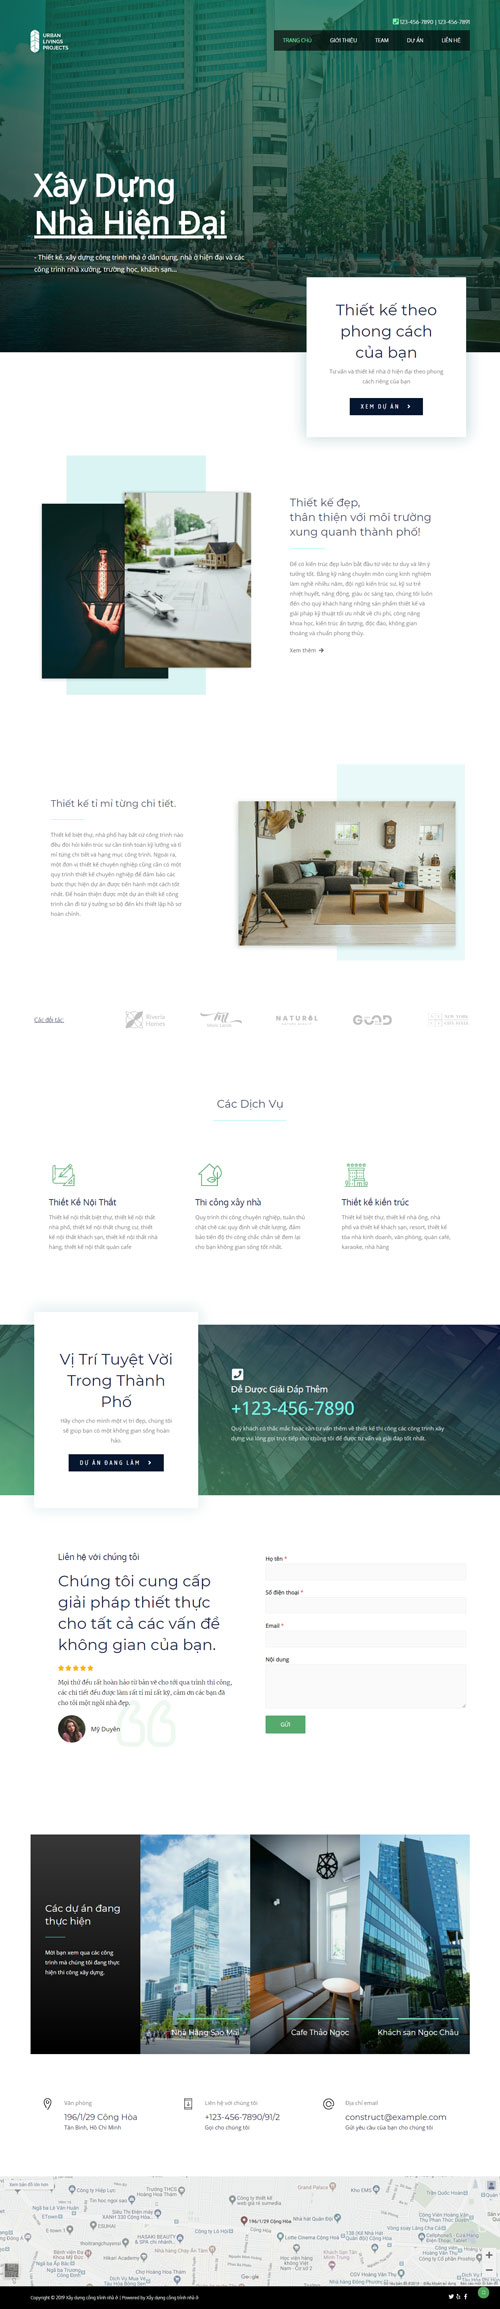 website-xay-dung-nha